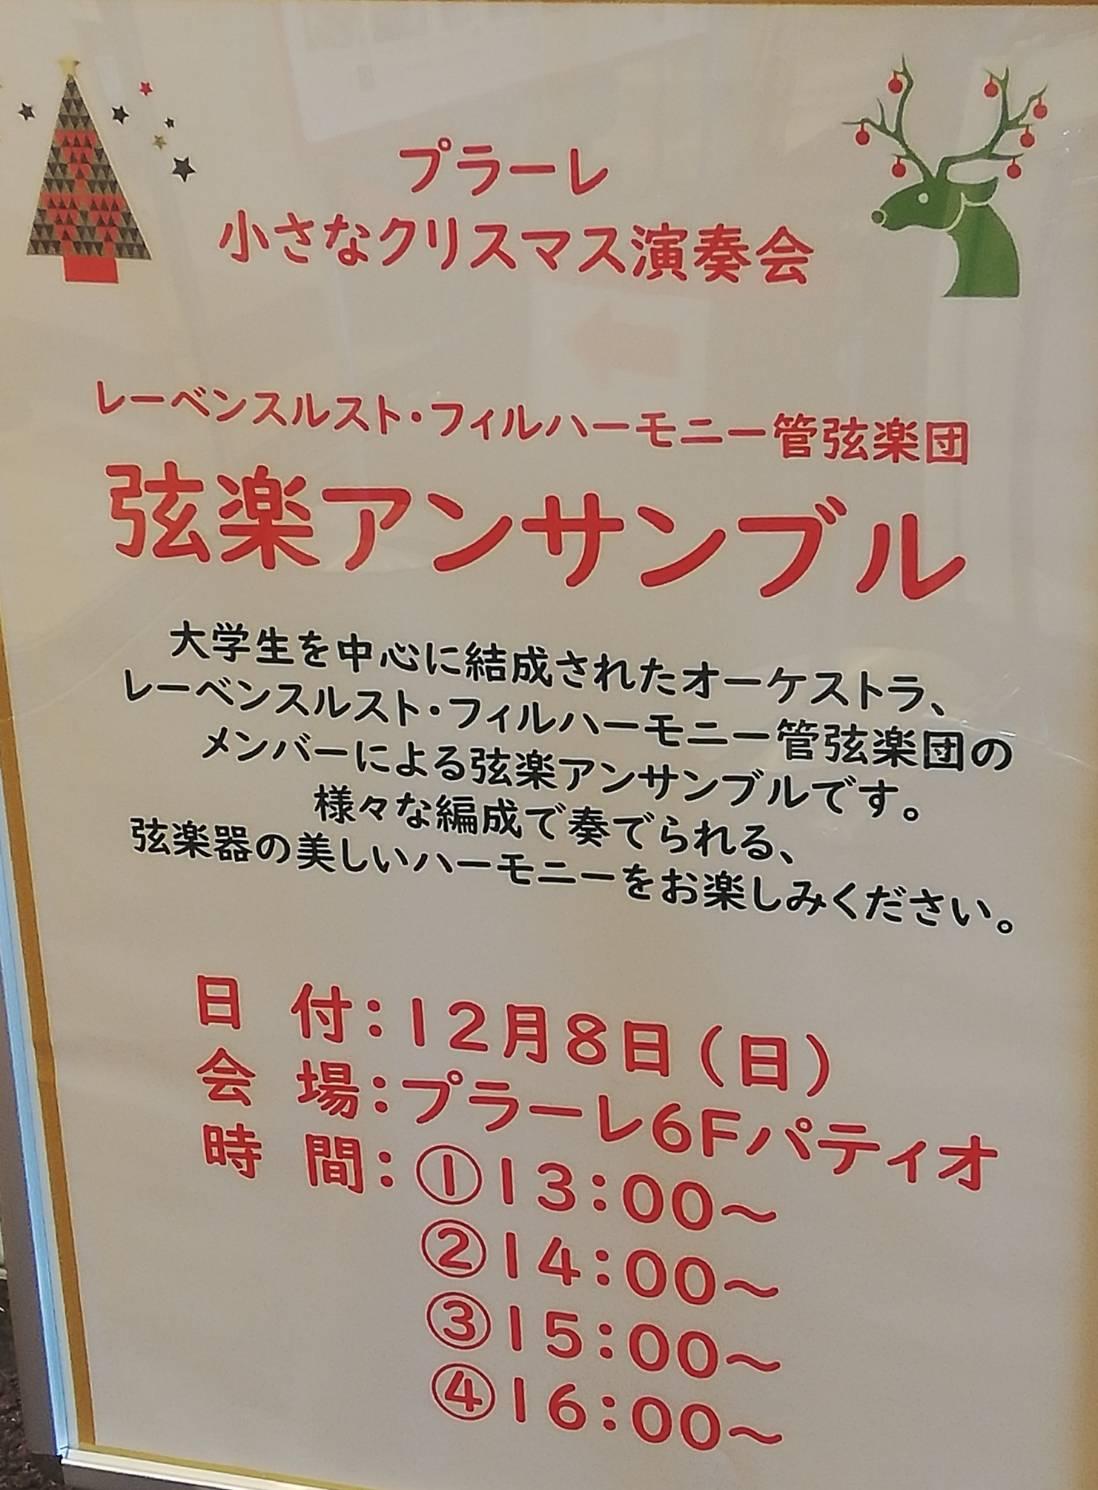 クリスマス音楽祭プラーレ松戸、弦楽